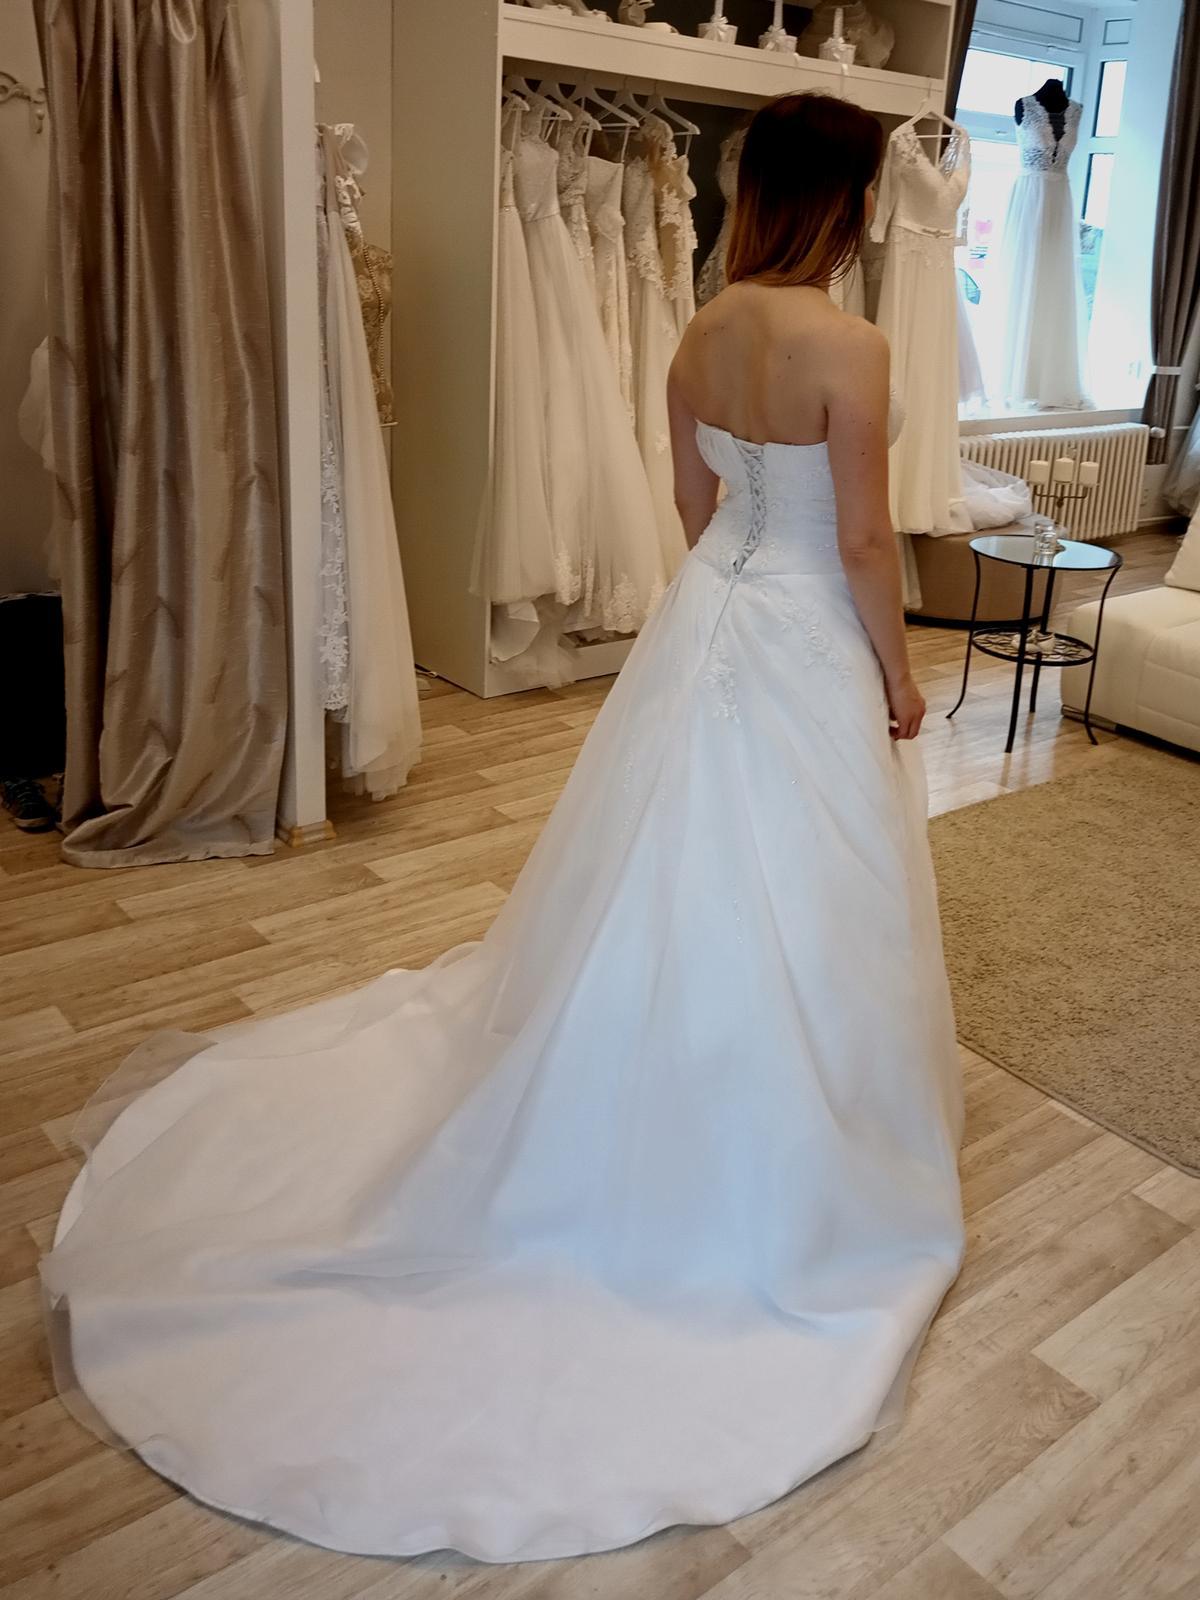 Svatební šaty 38, 40, 42 - Obrázek č. 1